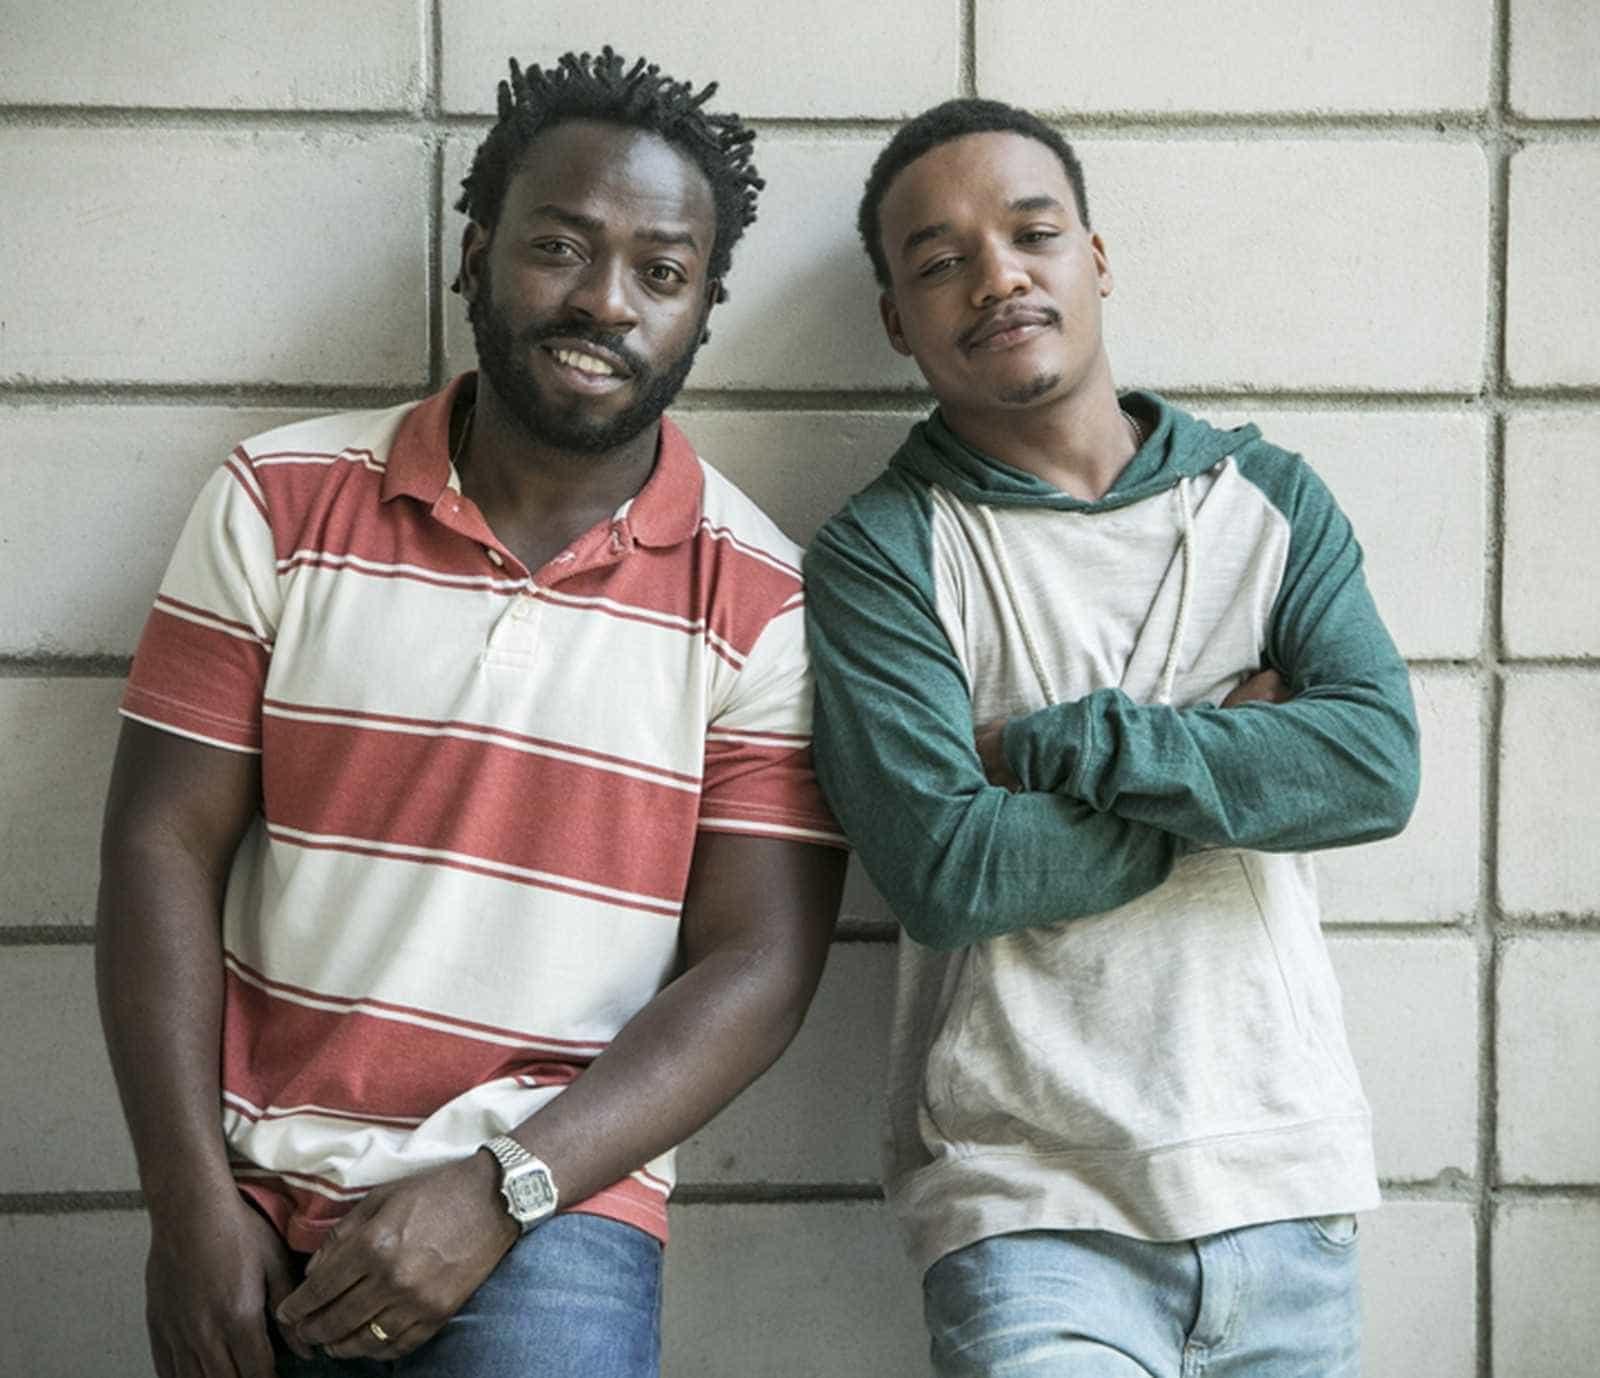 Série 'Cidade dos Homens' é cancelada após prisão de ator